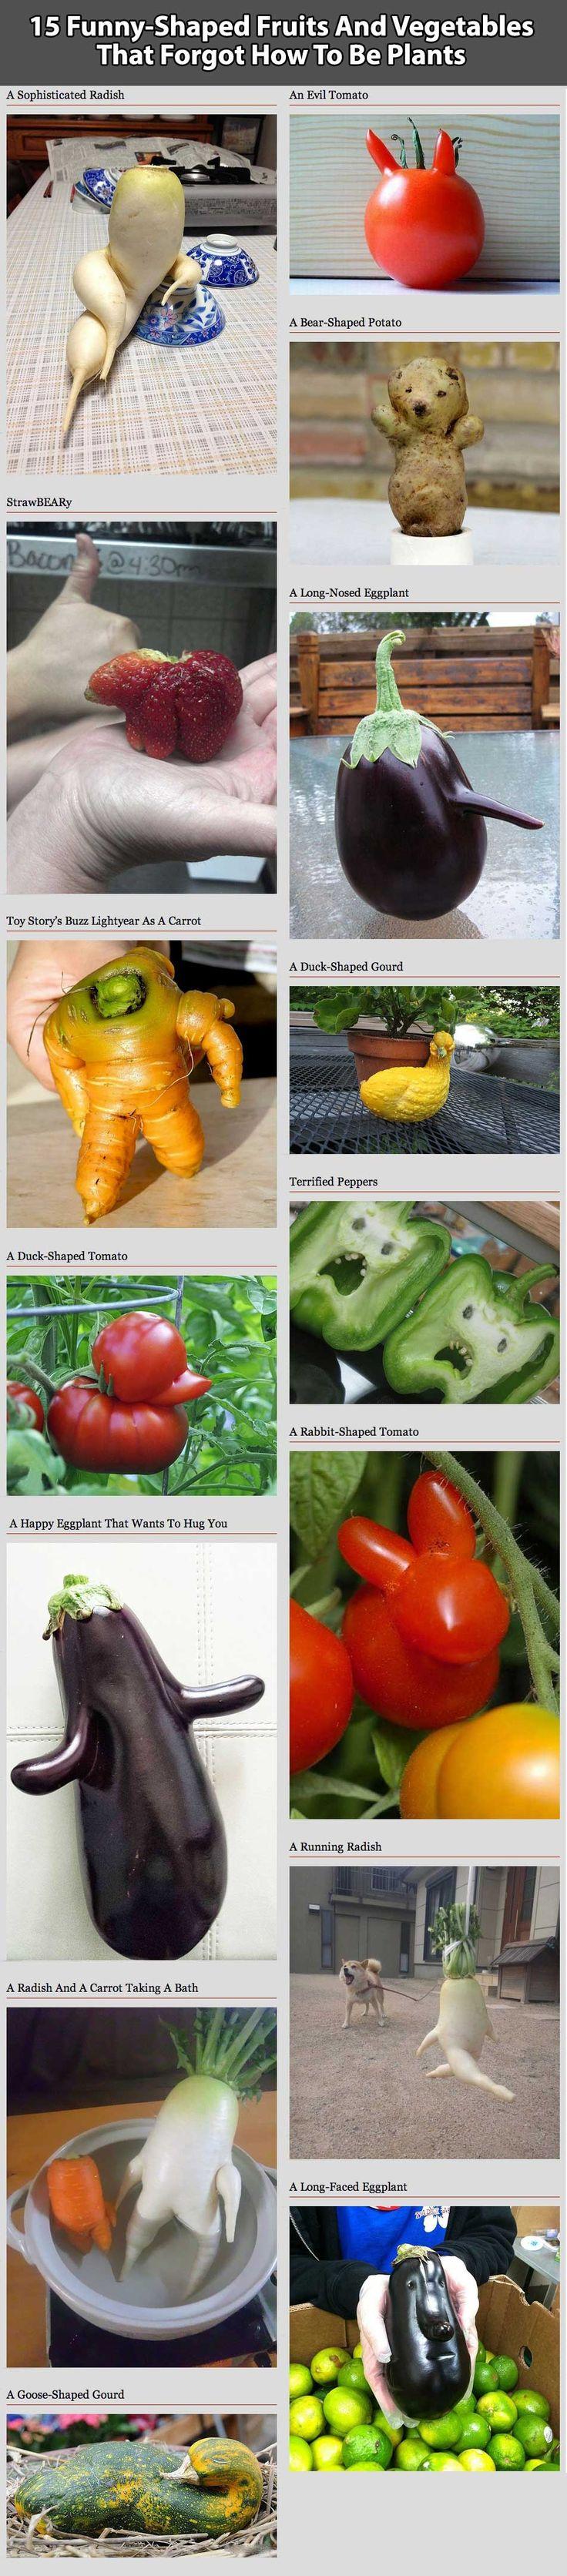 vegetables-weird